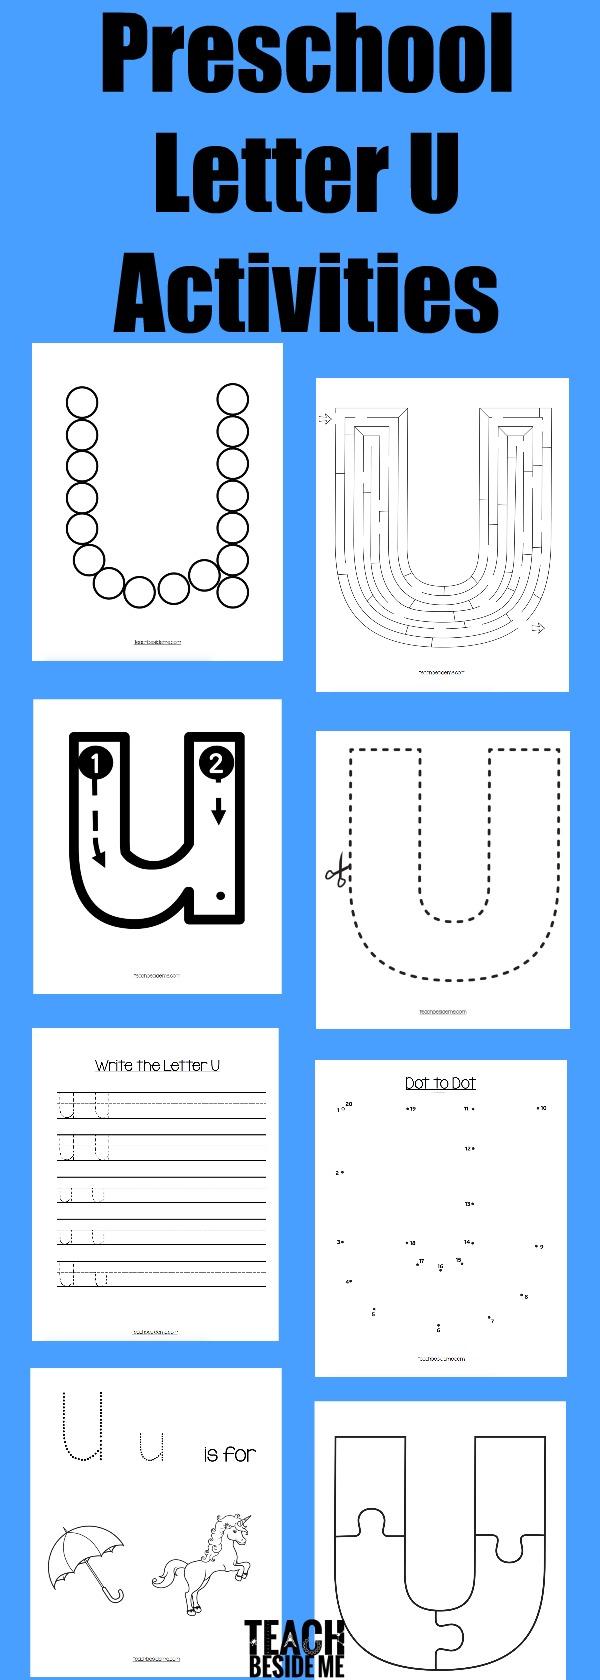 Preschool Letter U Activities